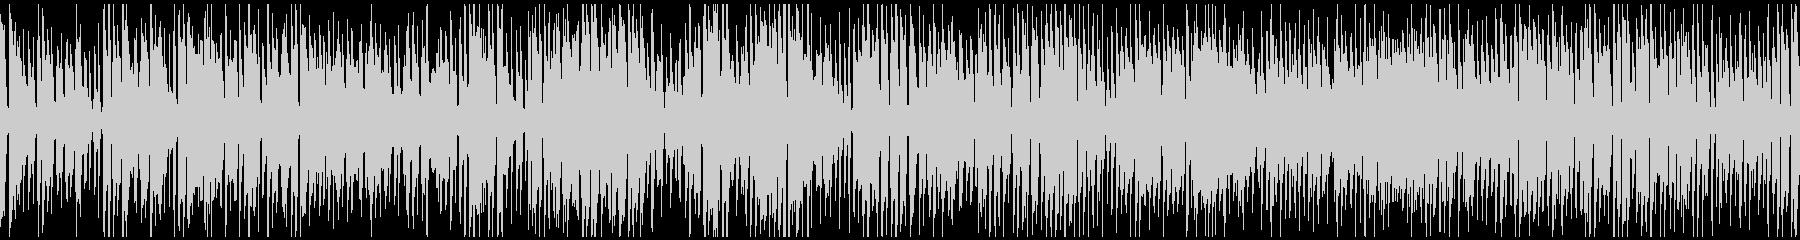 のほほんハッピージプシージャズ※ループ版の未再生の波形